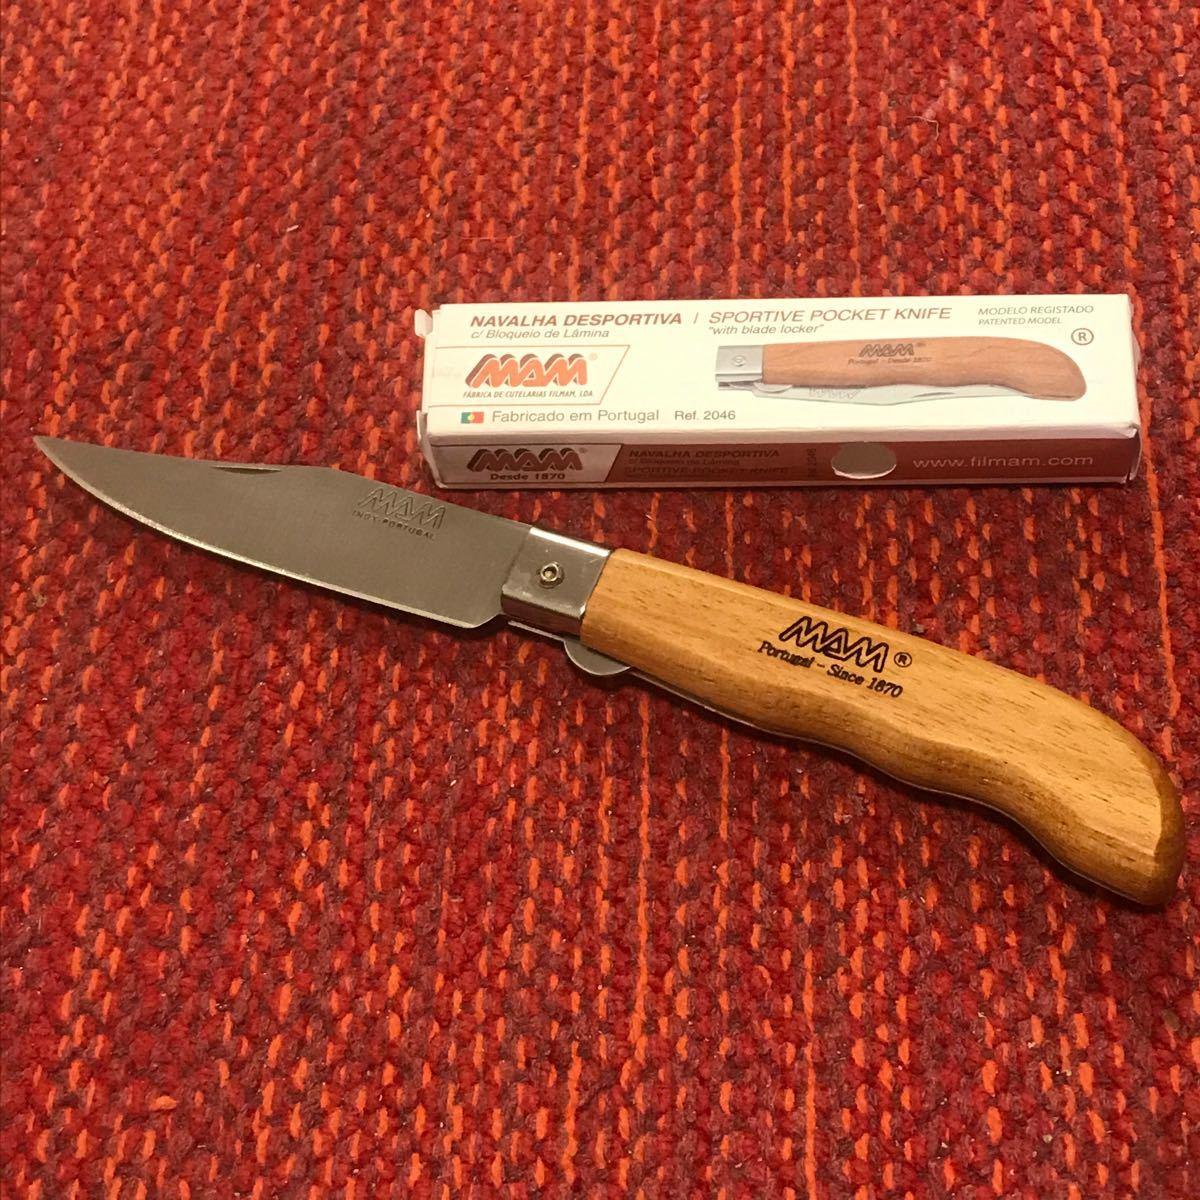 ラスト1本SALE! MAM Chapa マム シャーパ フォールディングナイフ 折りたたみナイフ レア